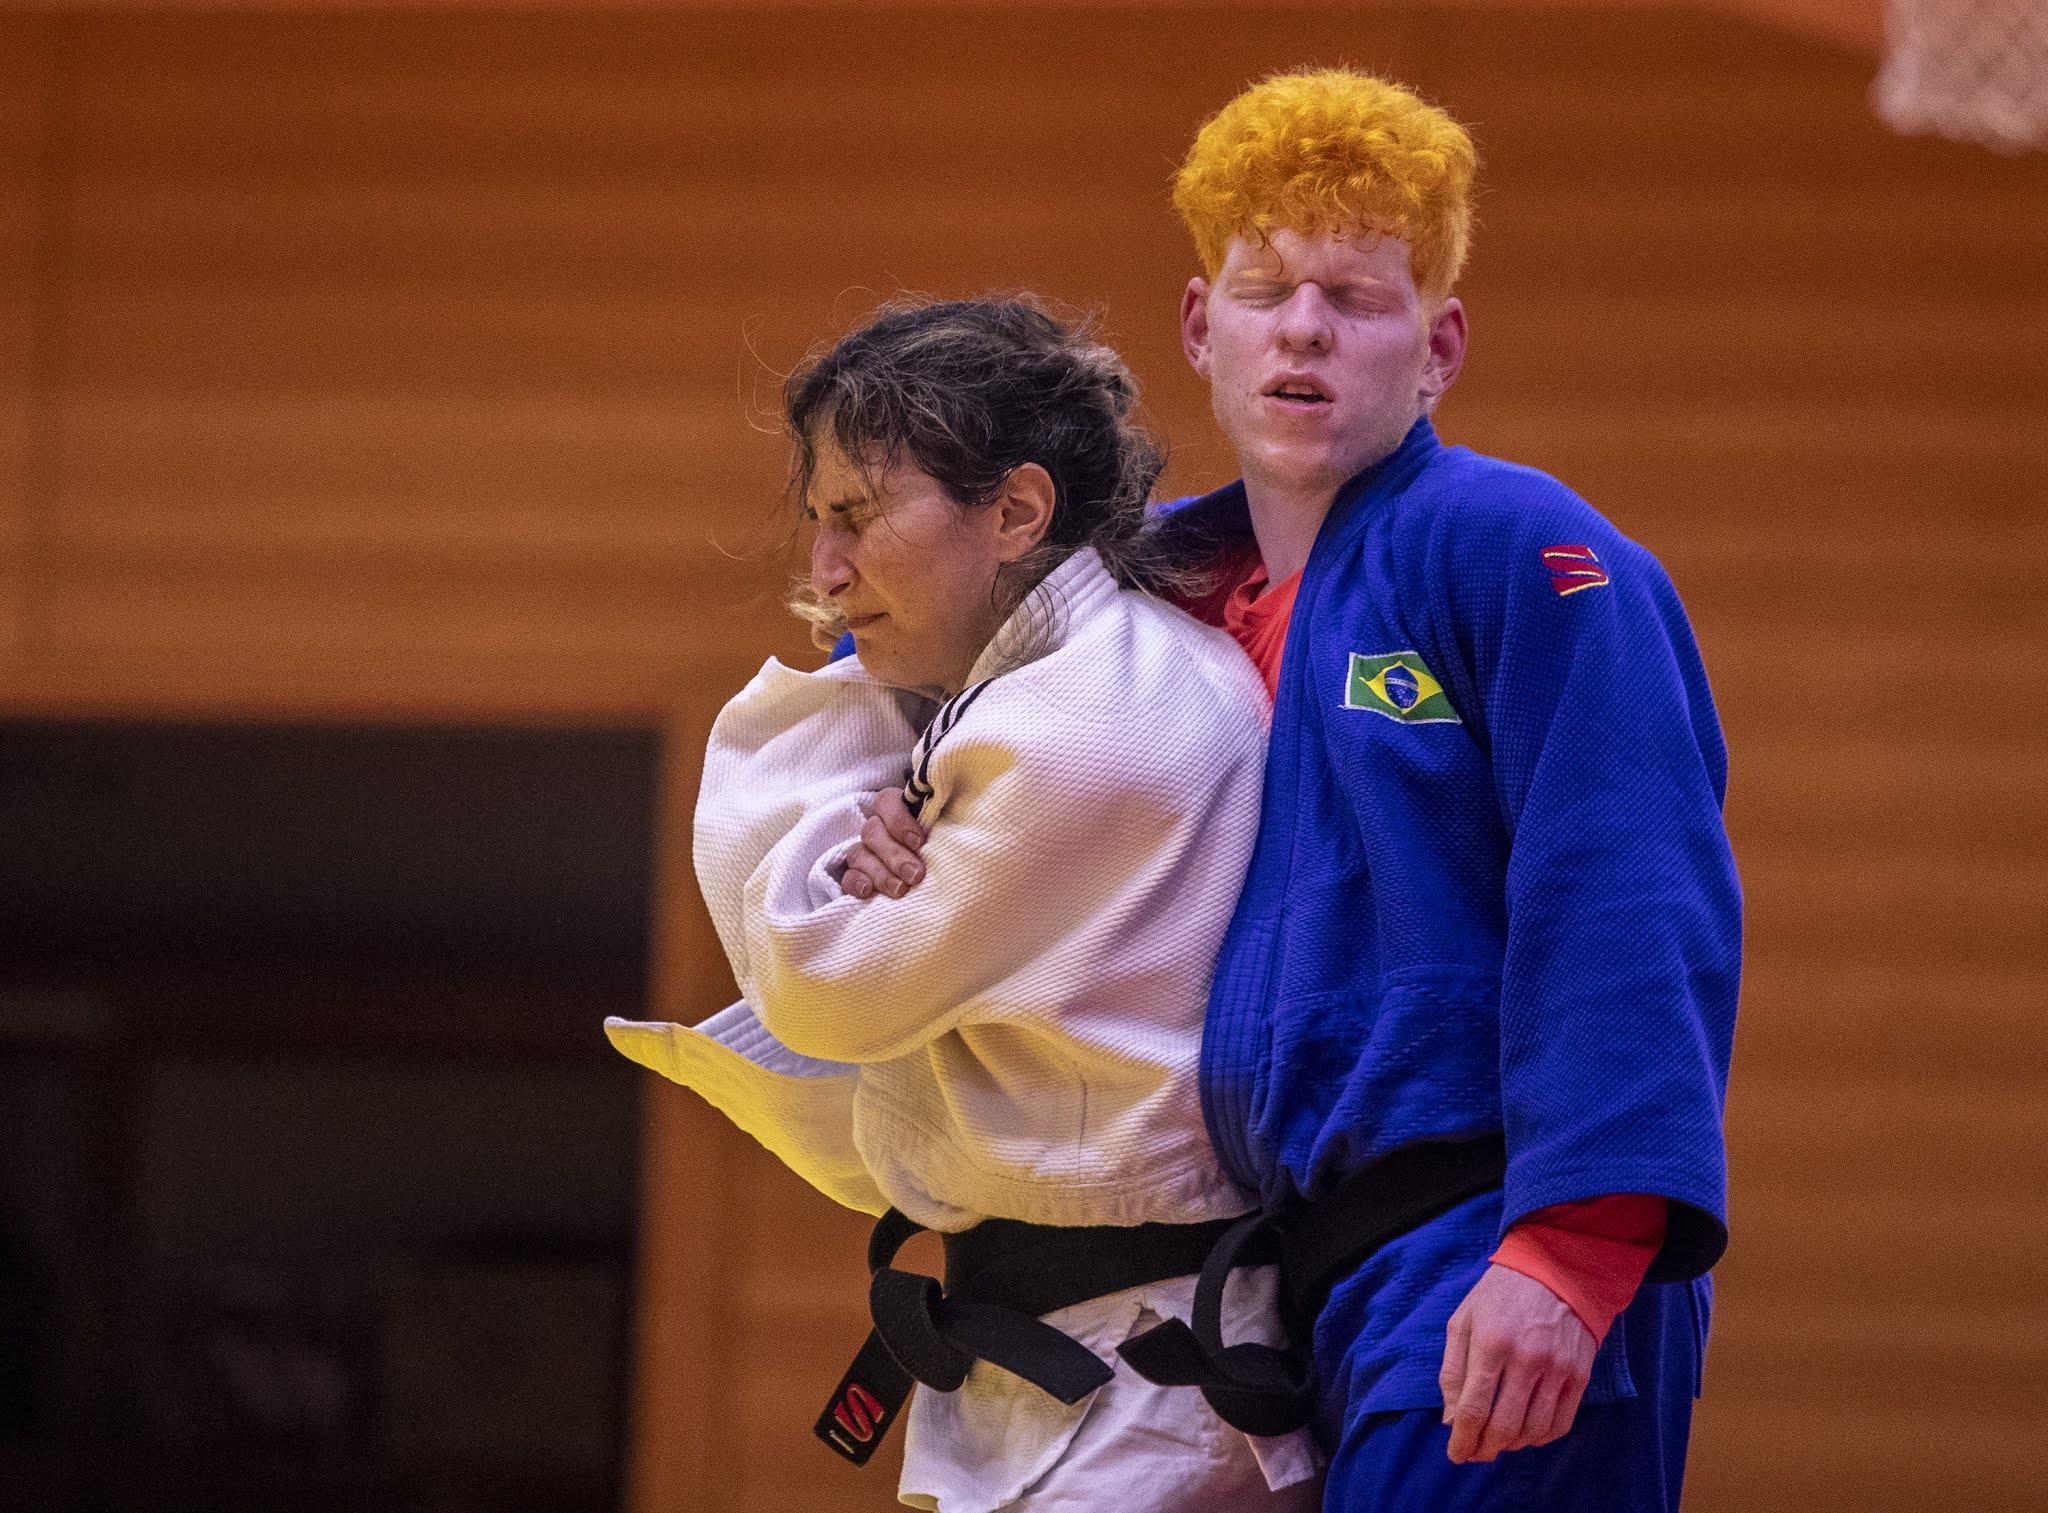 Karla Cardoso e Thiego Marques estão abraçados durante treinamento em Hamamatsu